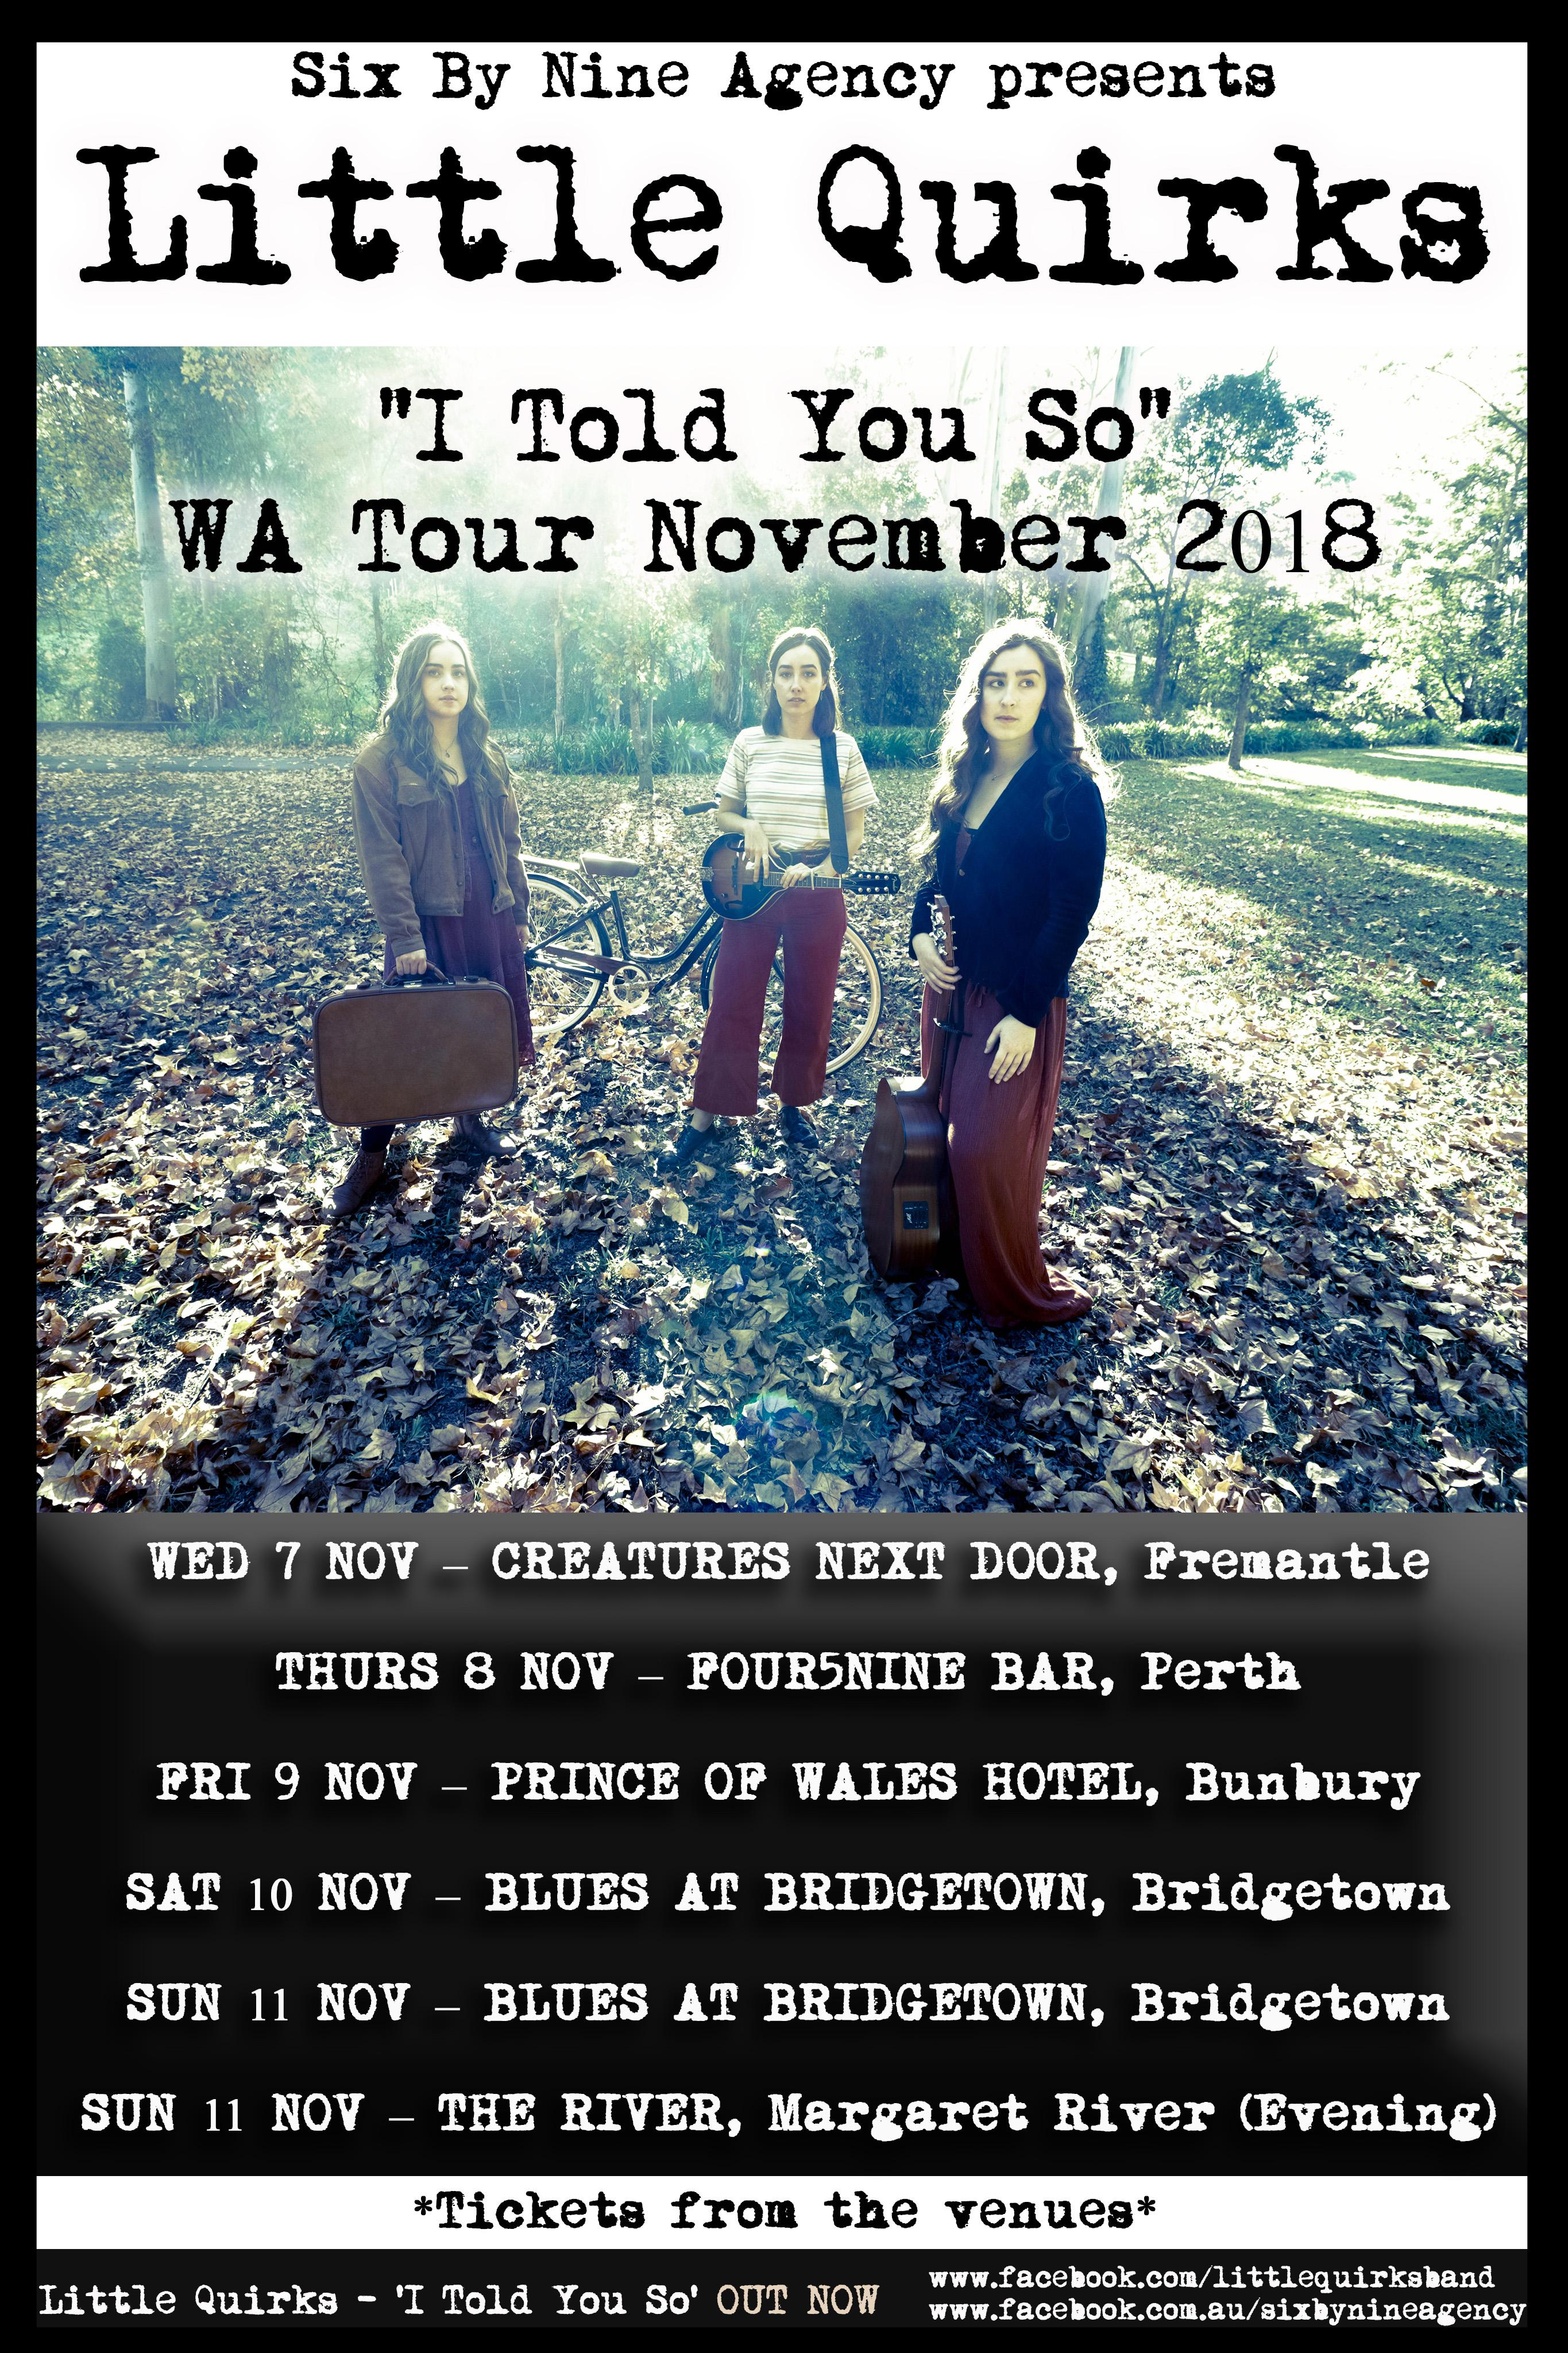 LQ WA Tour Poster - November 2018